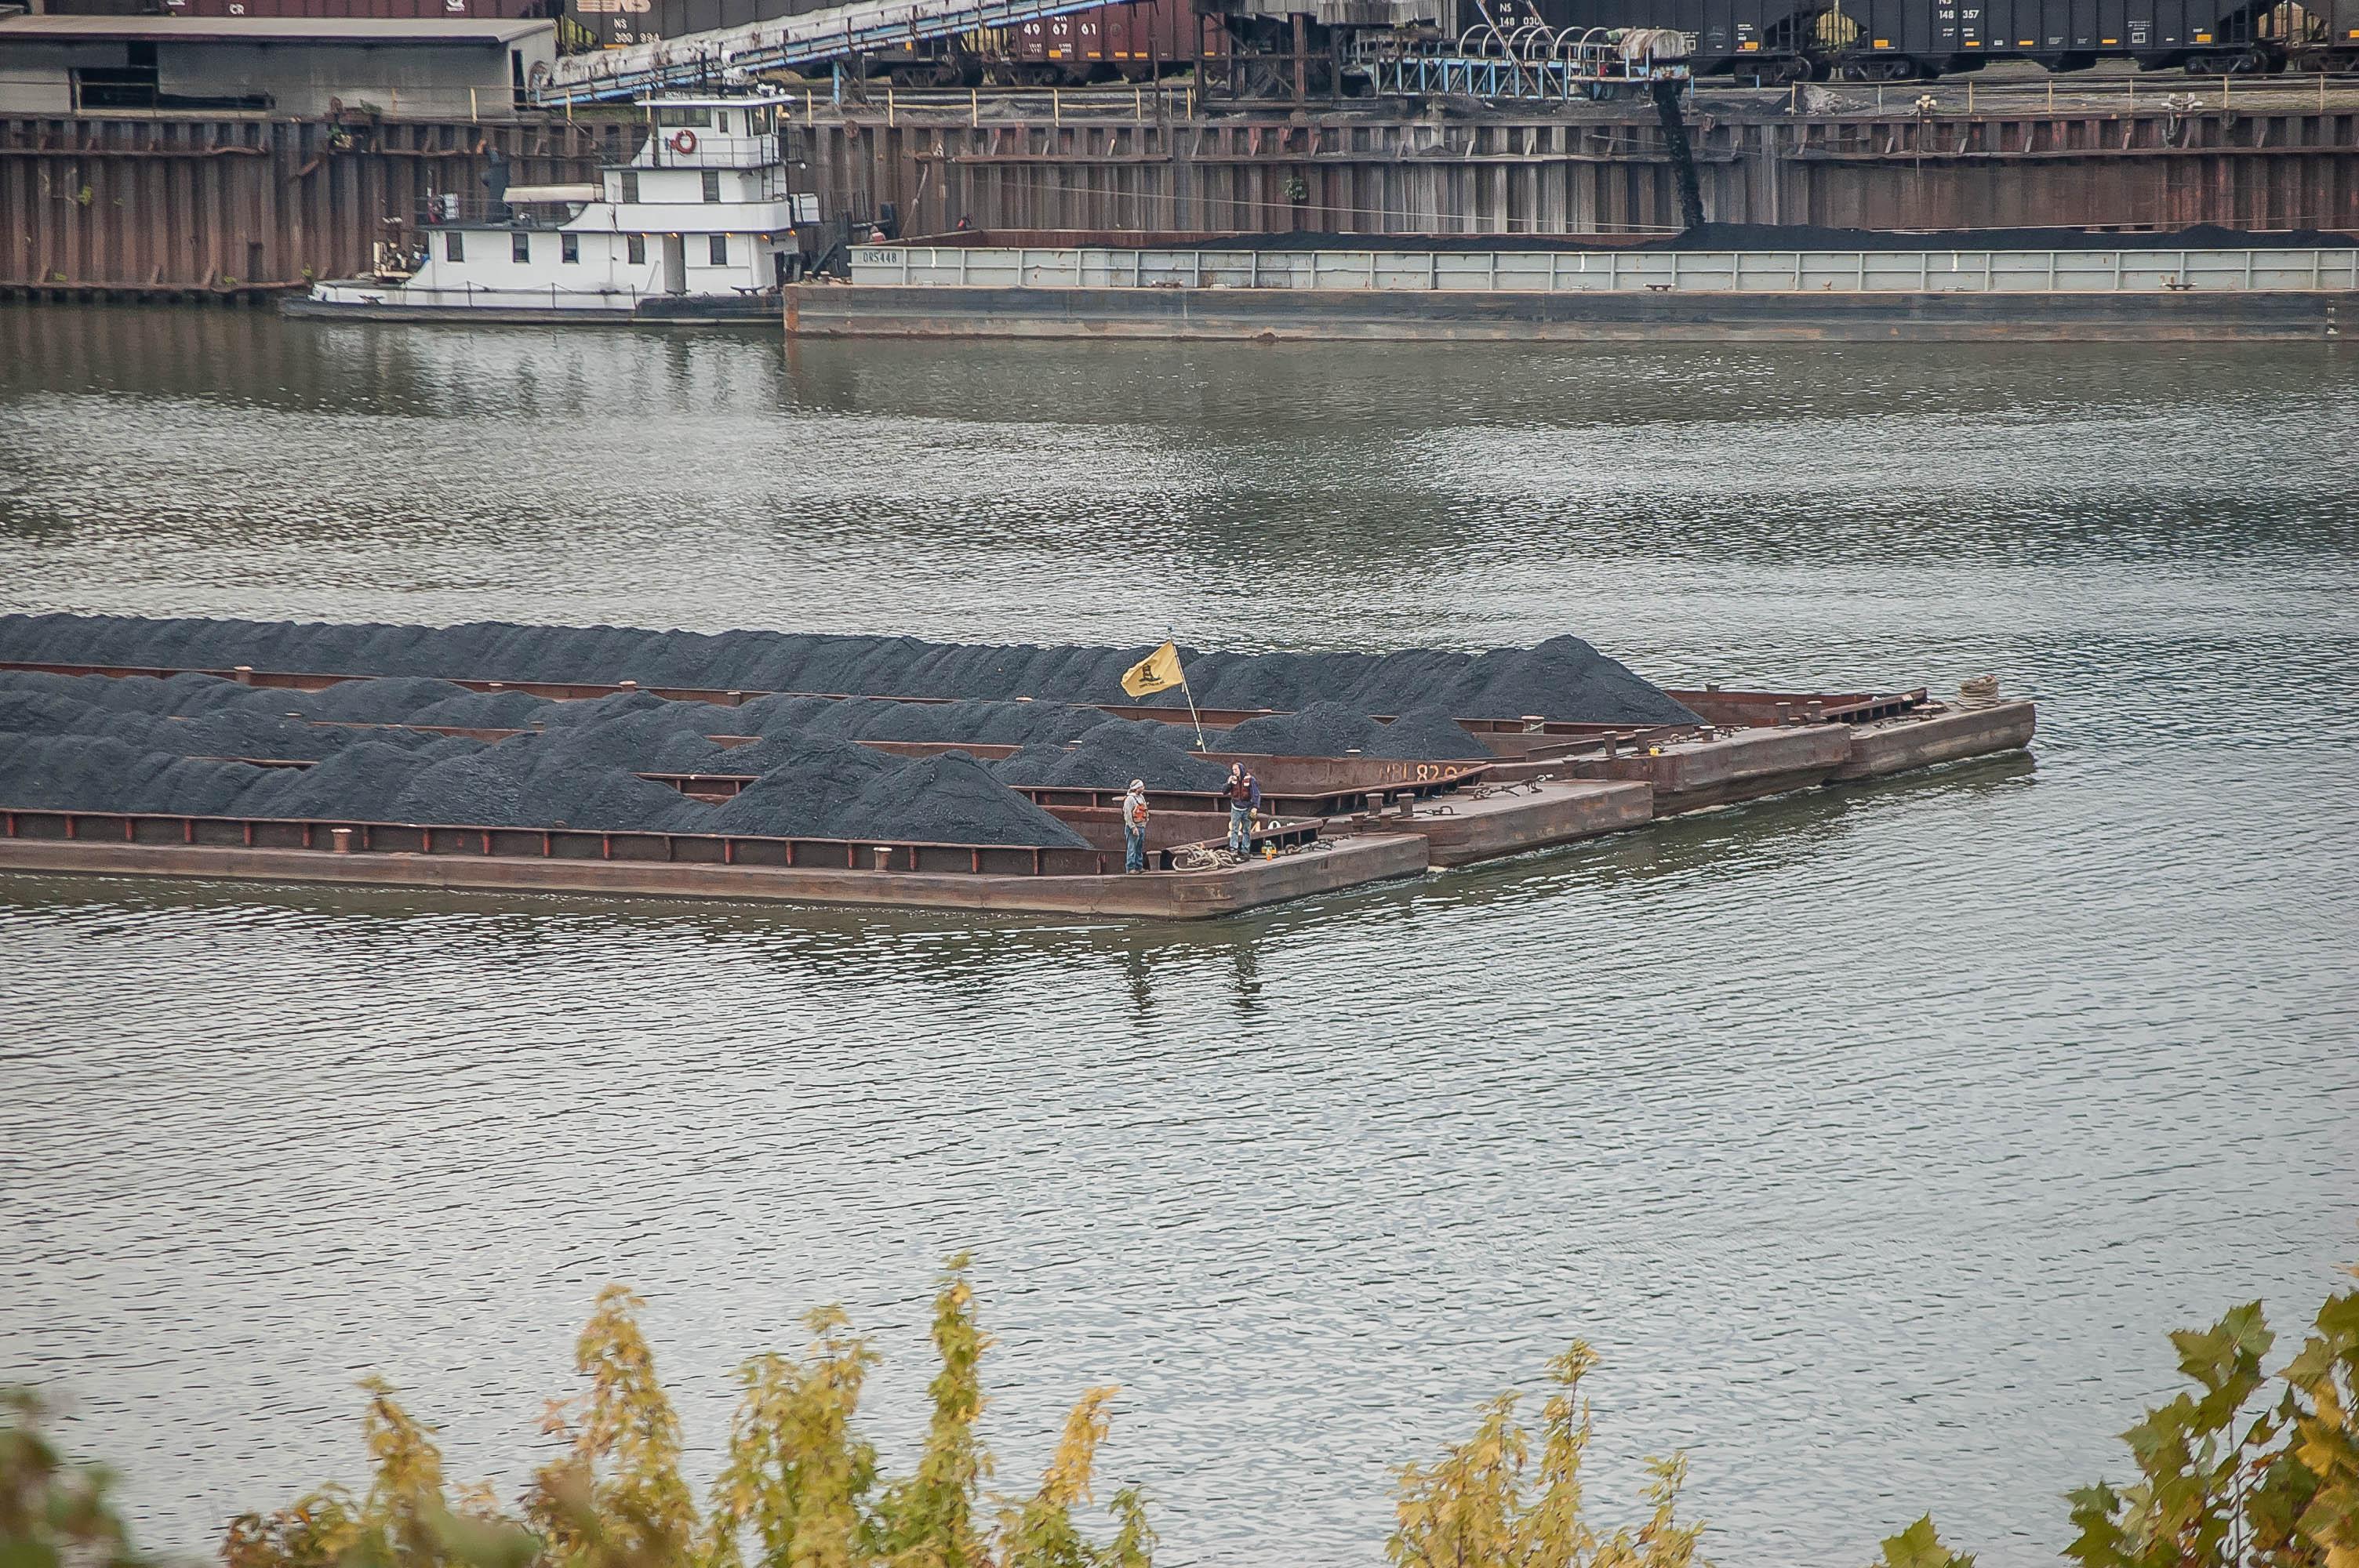 Gadsden Coal Barge